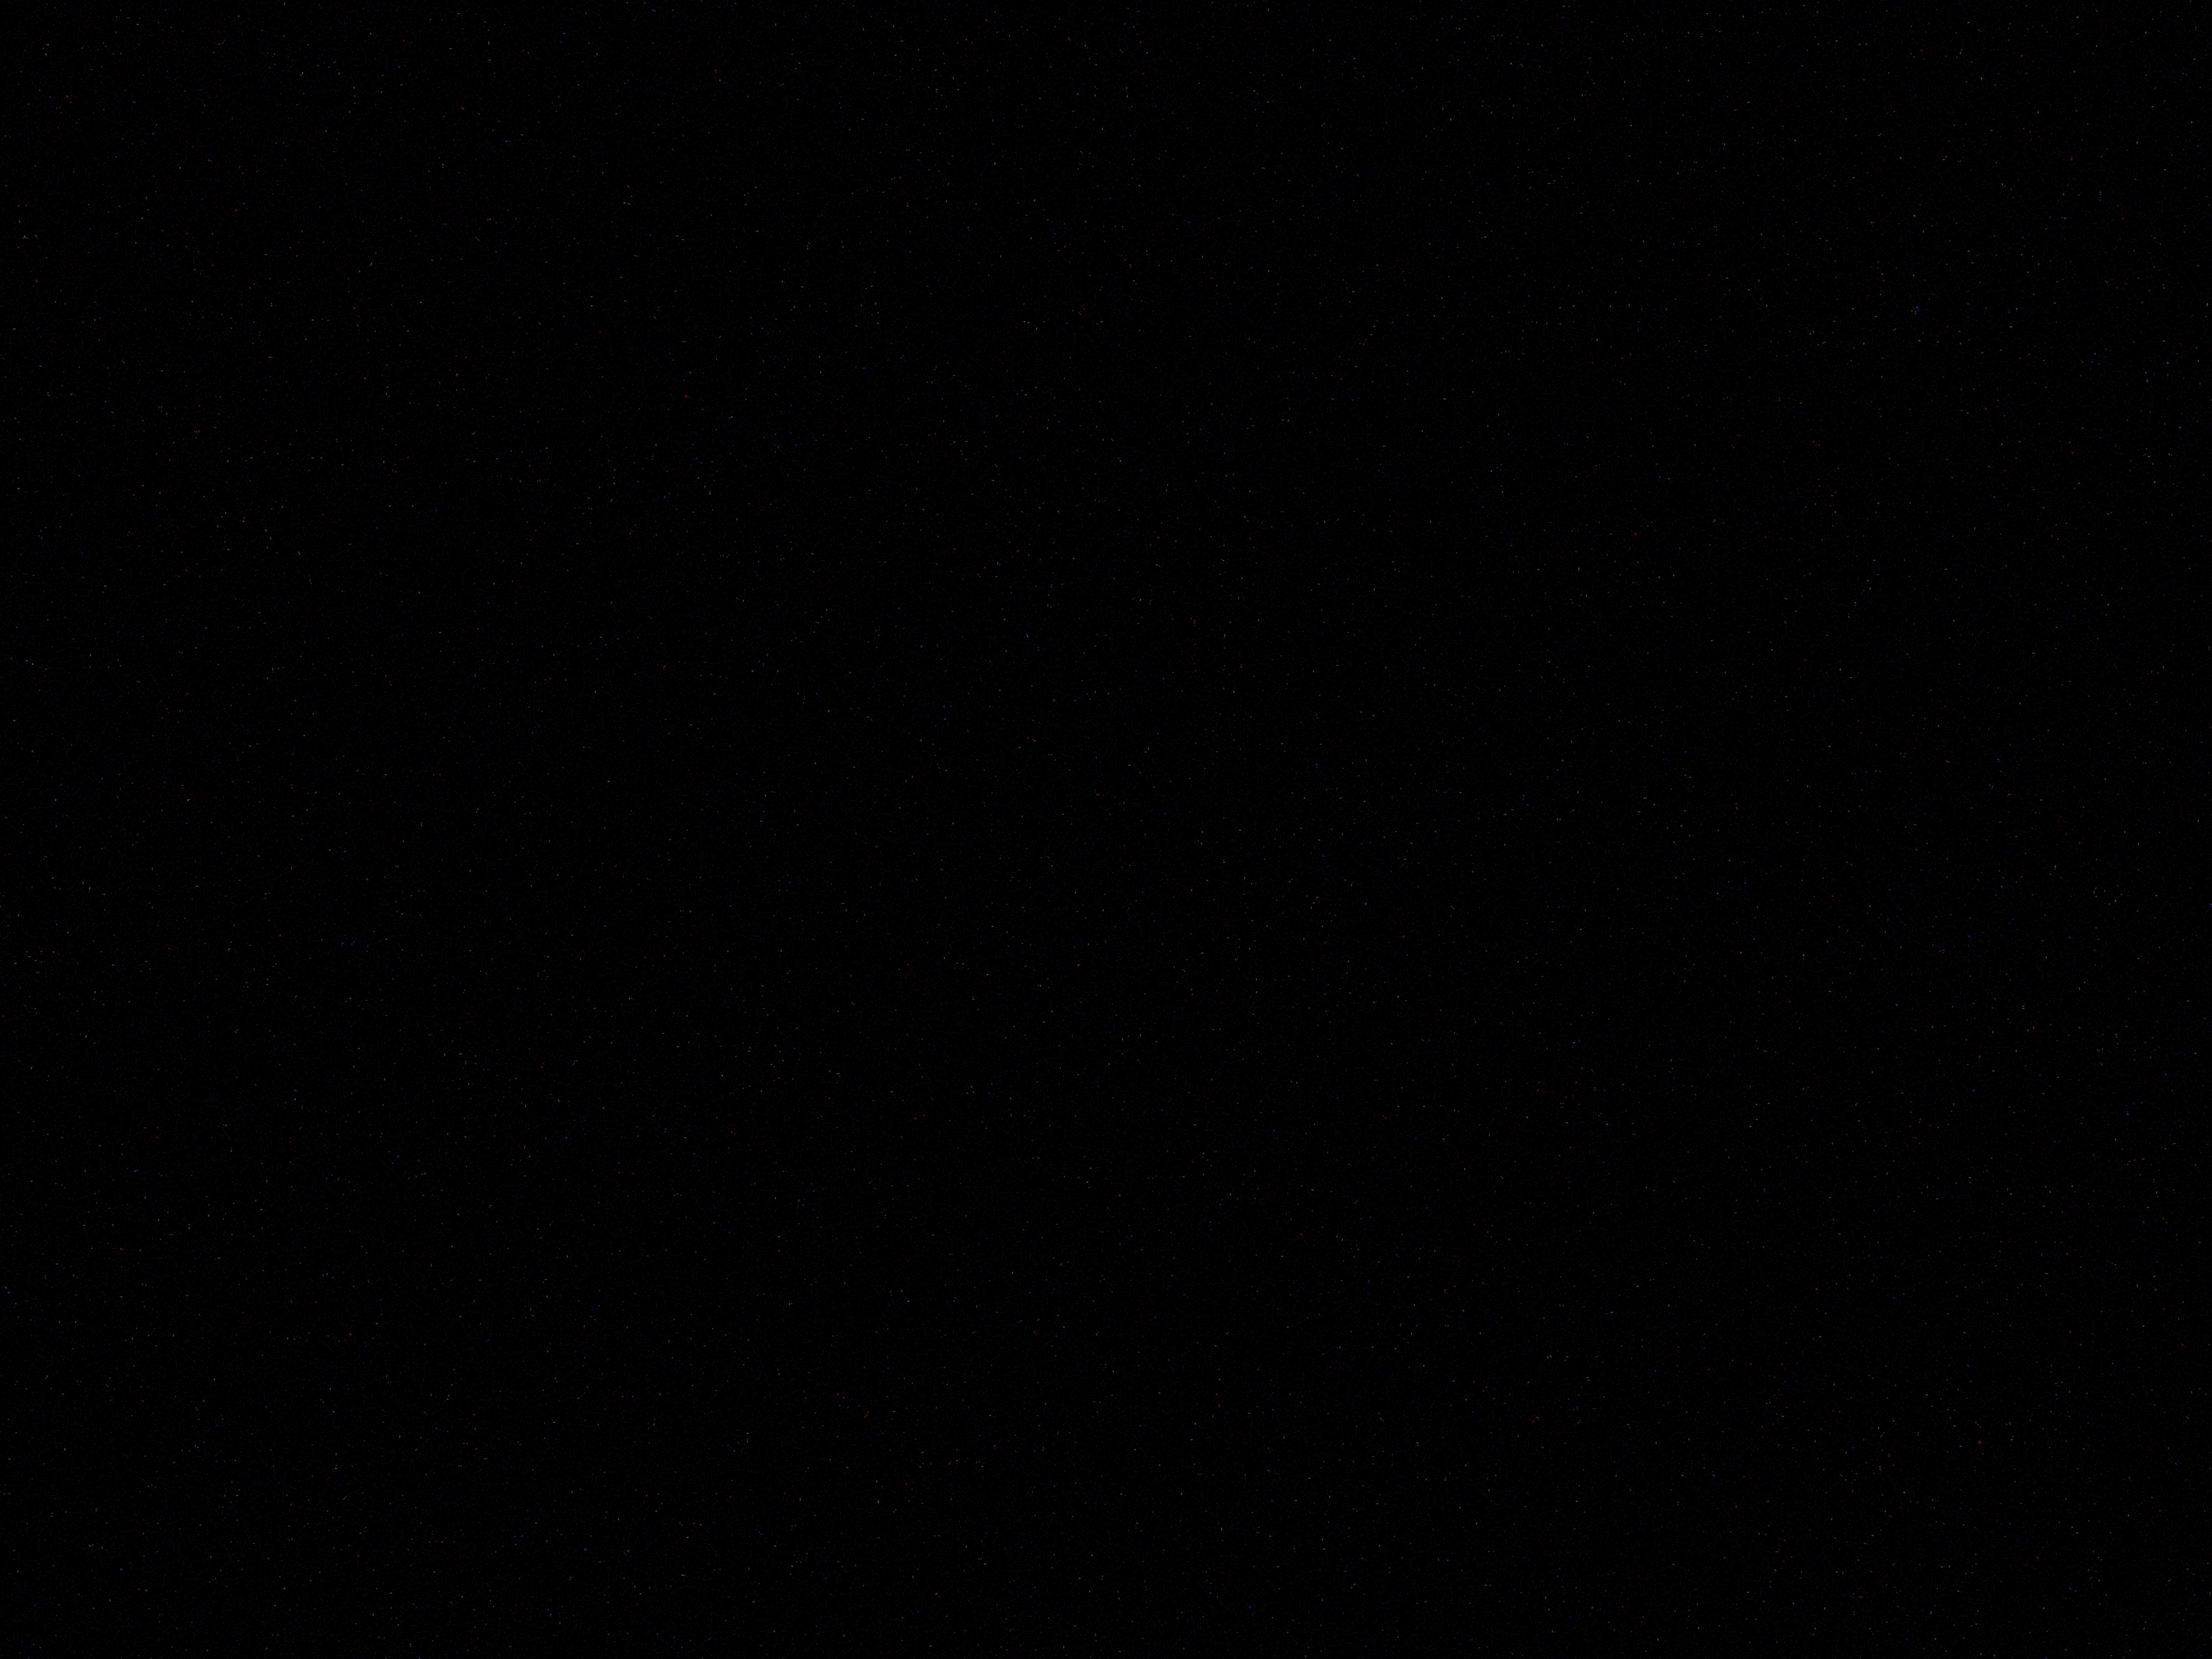 картинка черный фон: